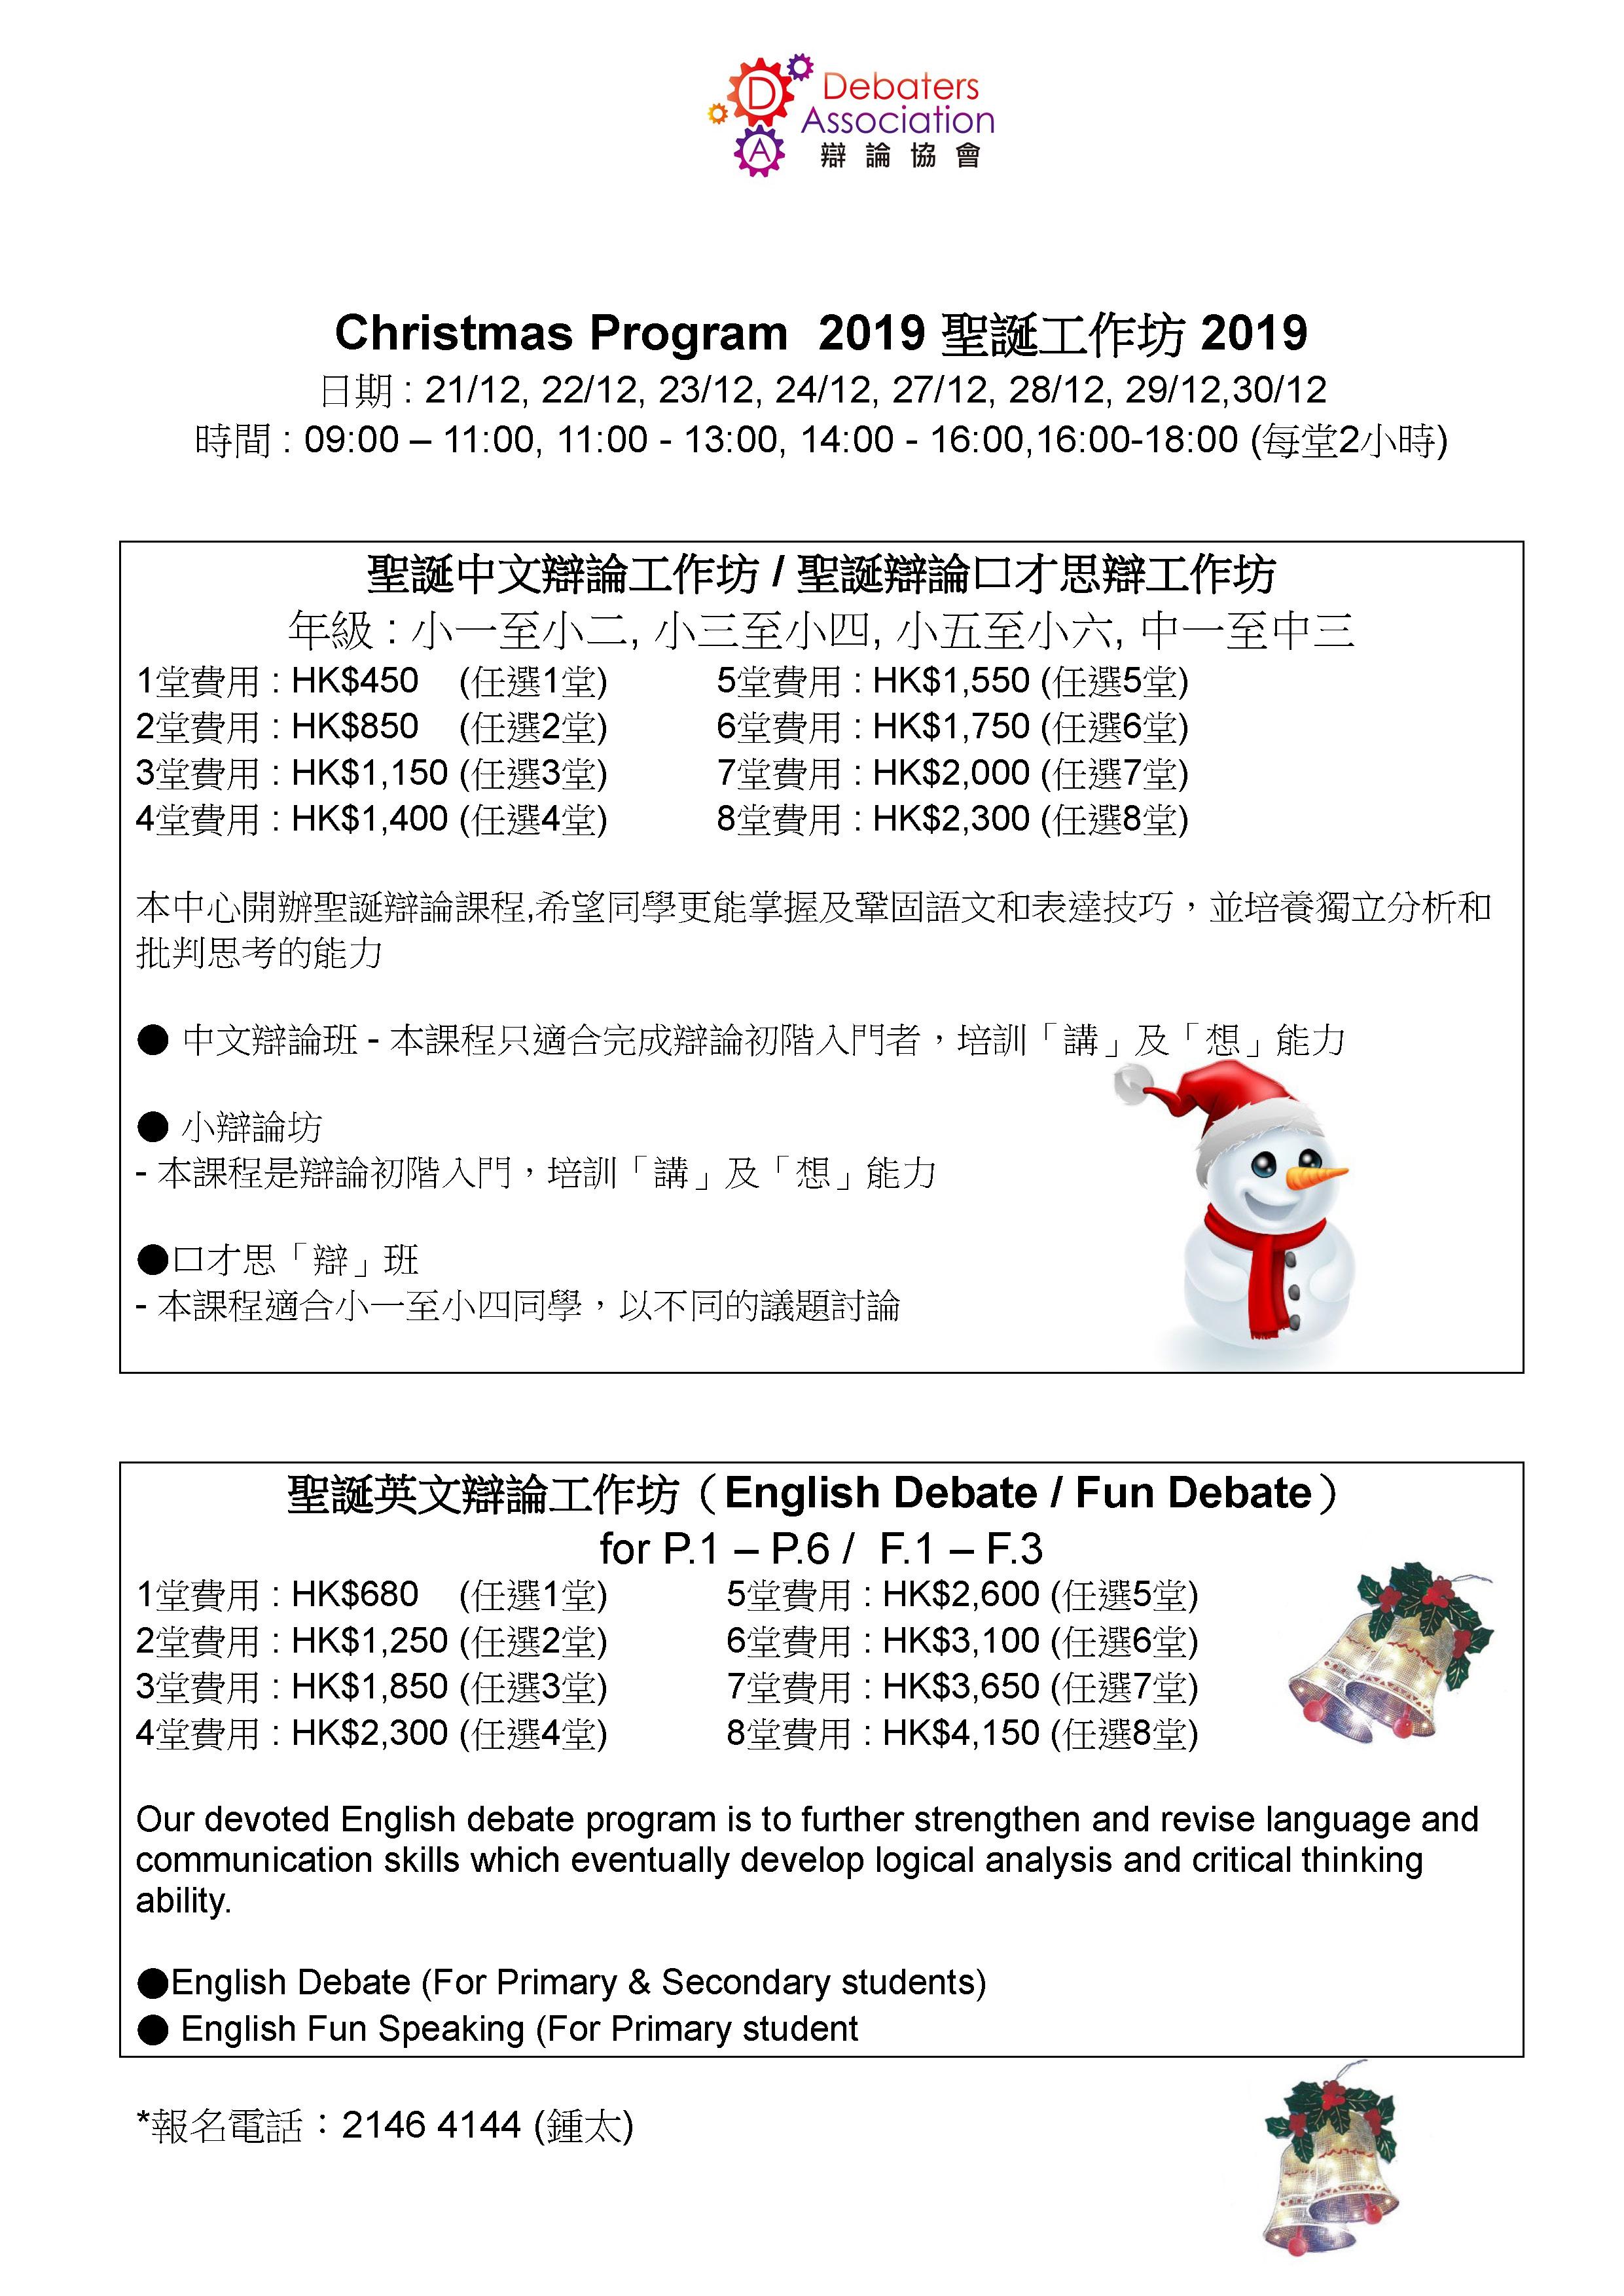 聖誕工作坊 (中文辯論/英文辯論/環球小記者)